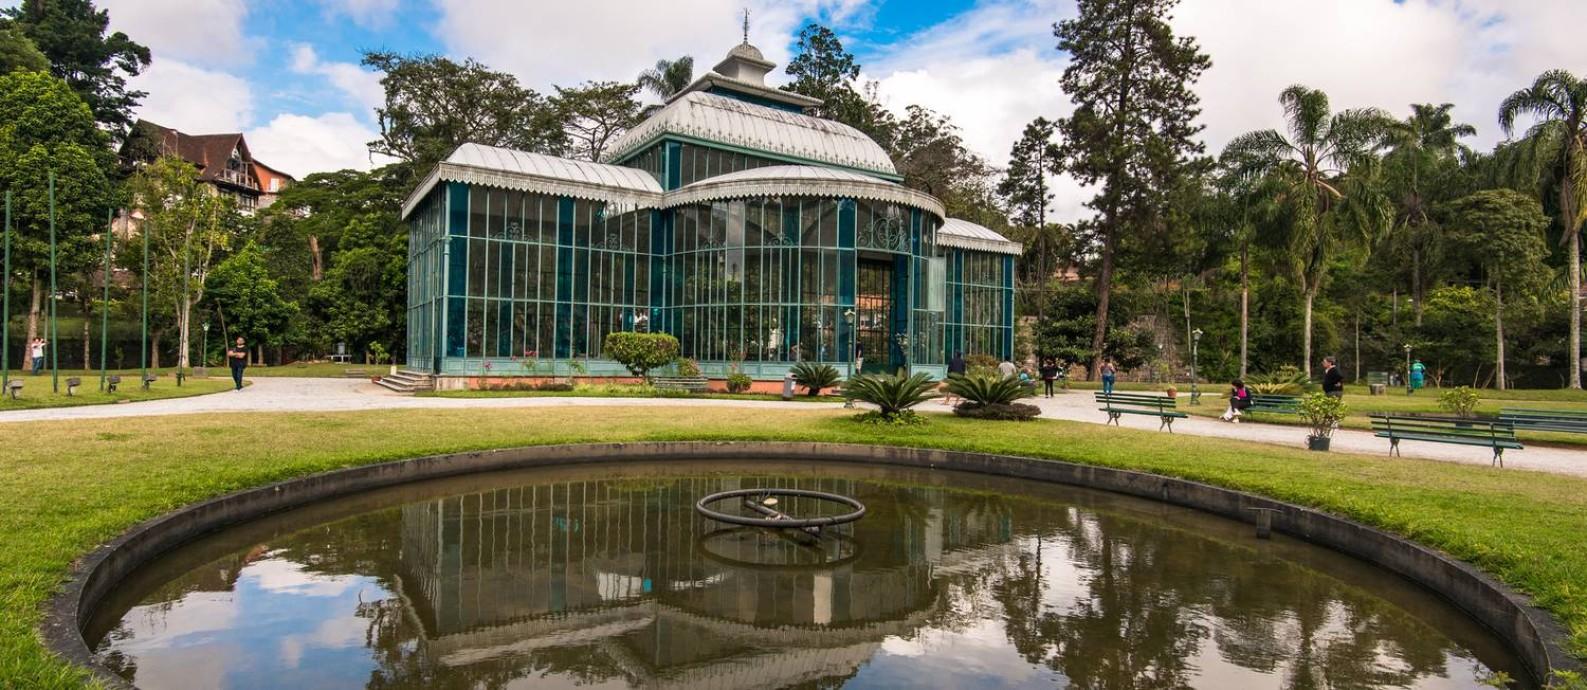 Palácio de Cristal é uma das atrações turísticas de Petrópolis Foto: Deposit Photos